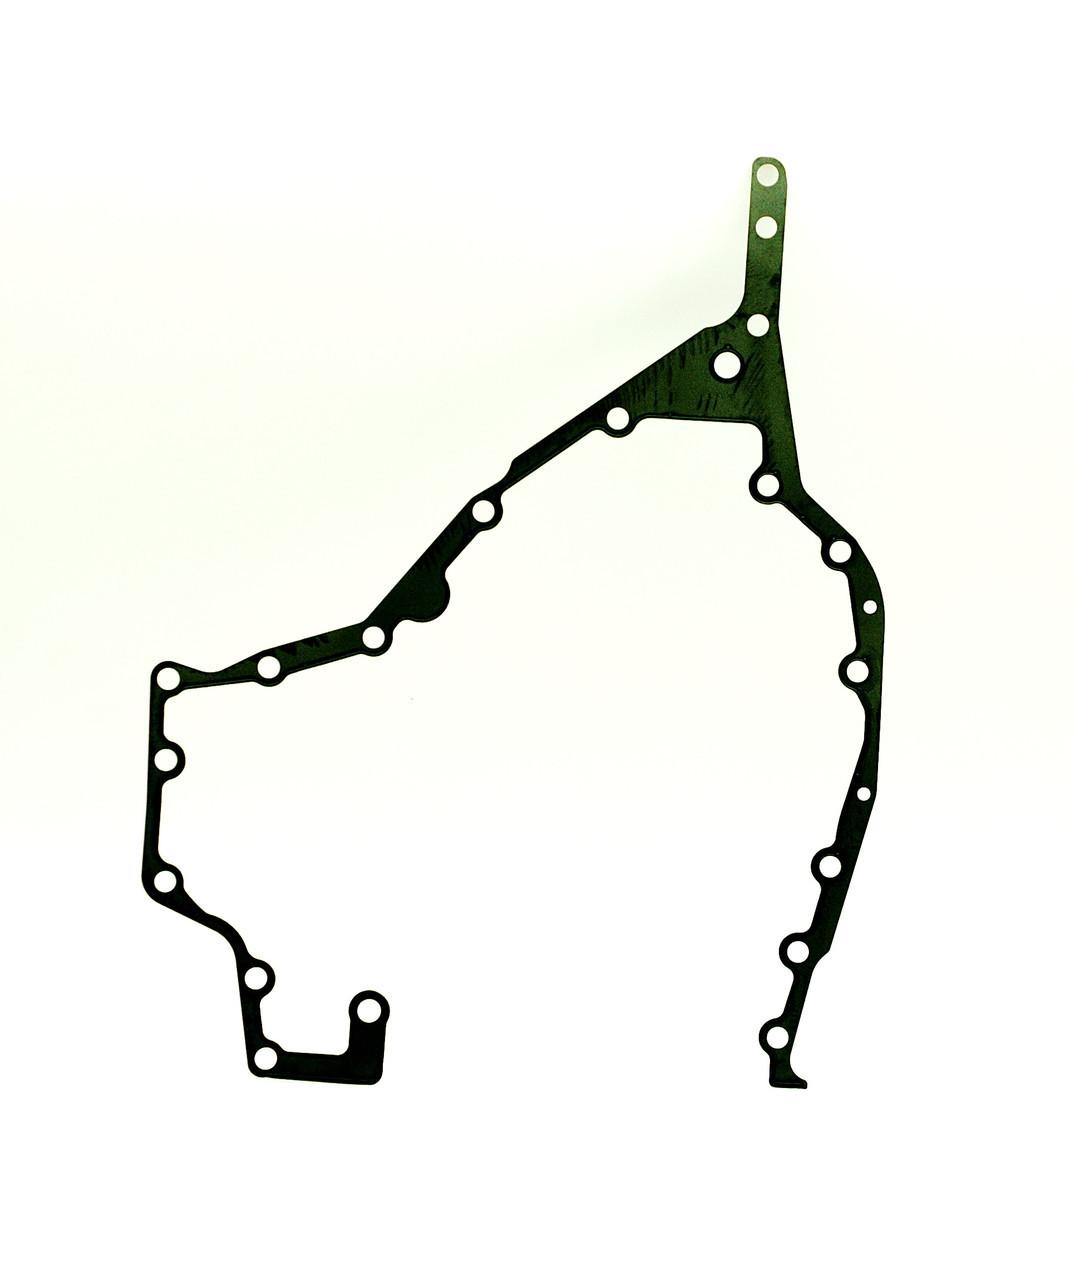 Прокладка картера распределительных шестерен Cummins ISLe  3944293